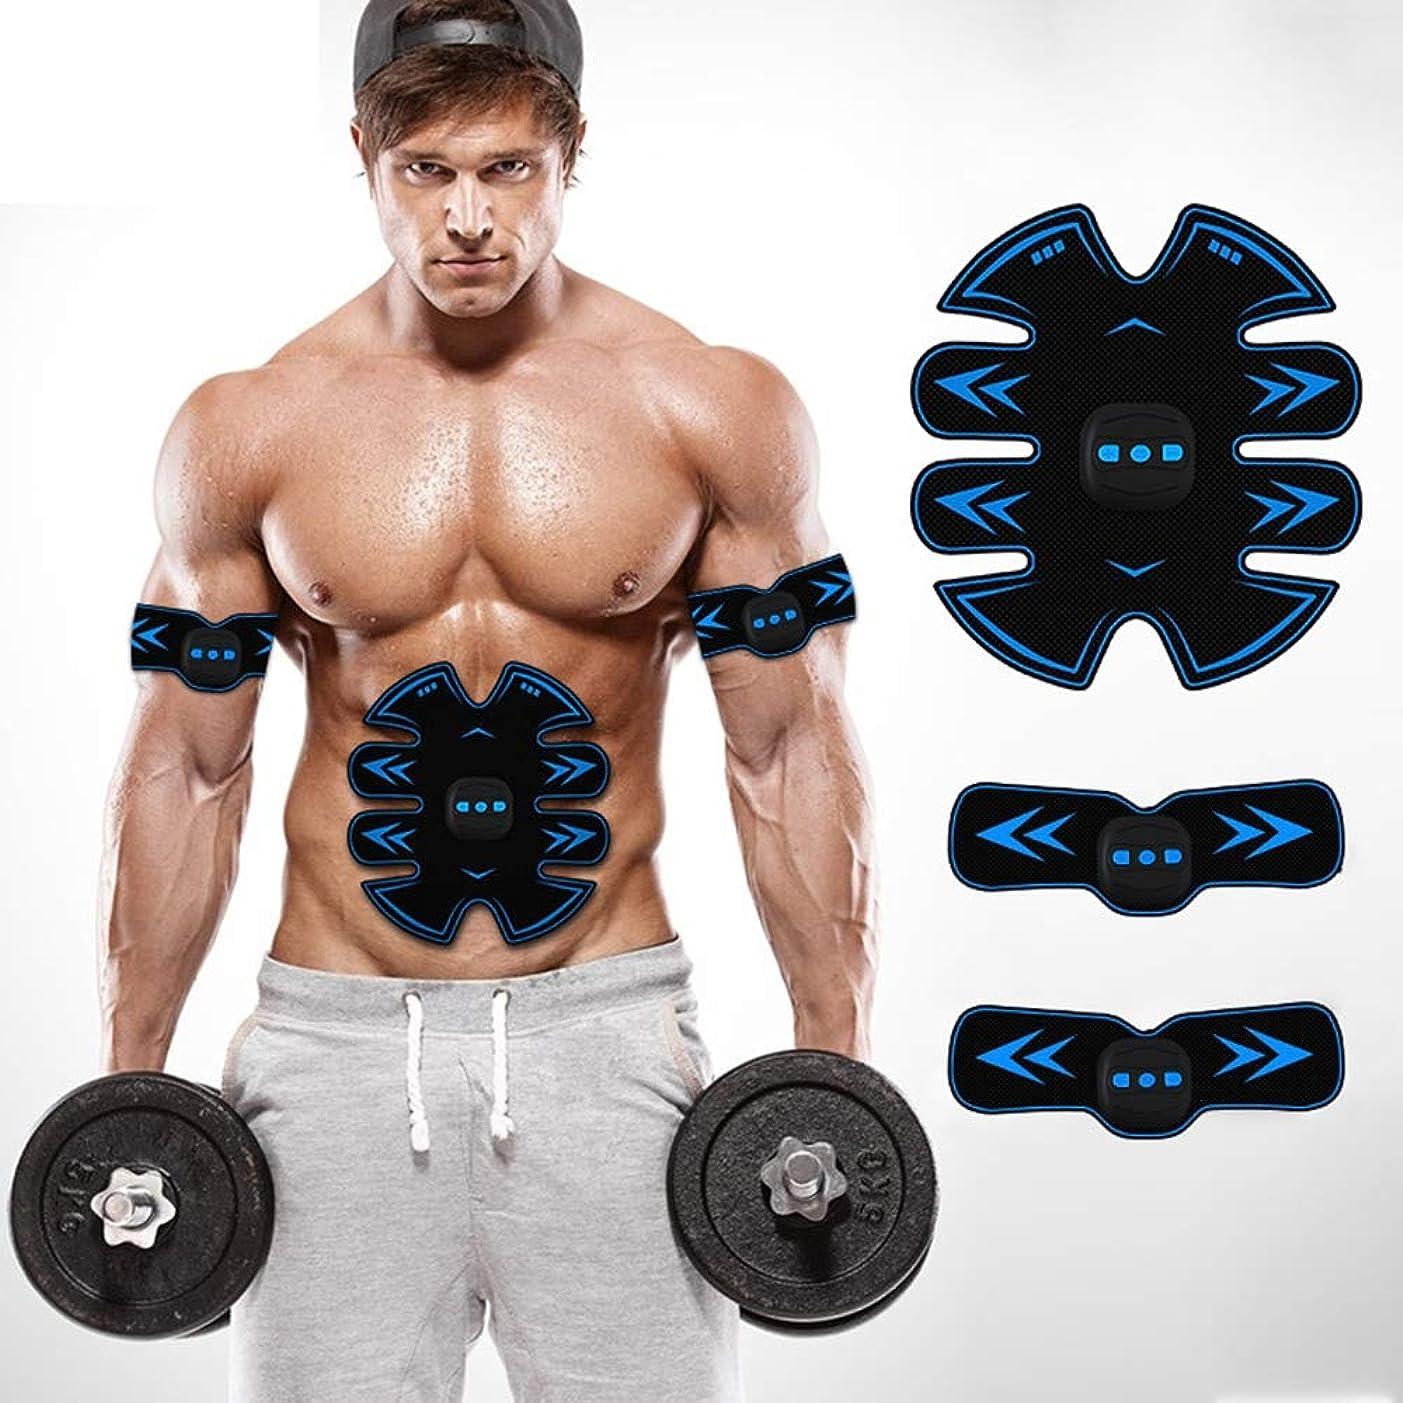 移行するインストール形状スマートUSB電気腹部機器ワイヤレスEMS筋肉刺激装置ウエスト減量マシン男性と女性の運動腹筋トレーニングフィットネス機器,Blue